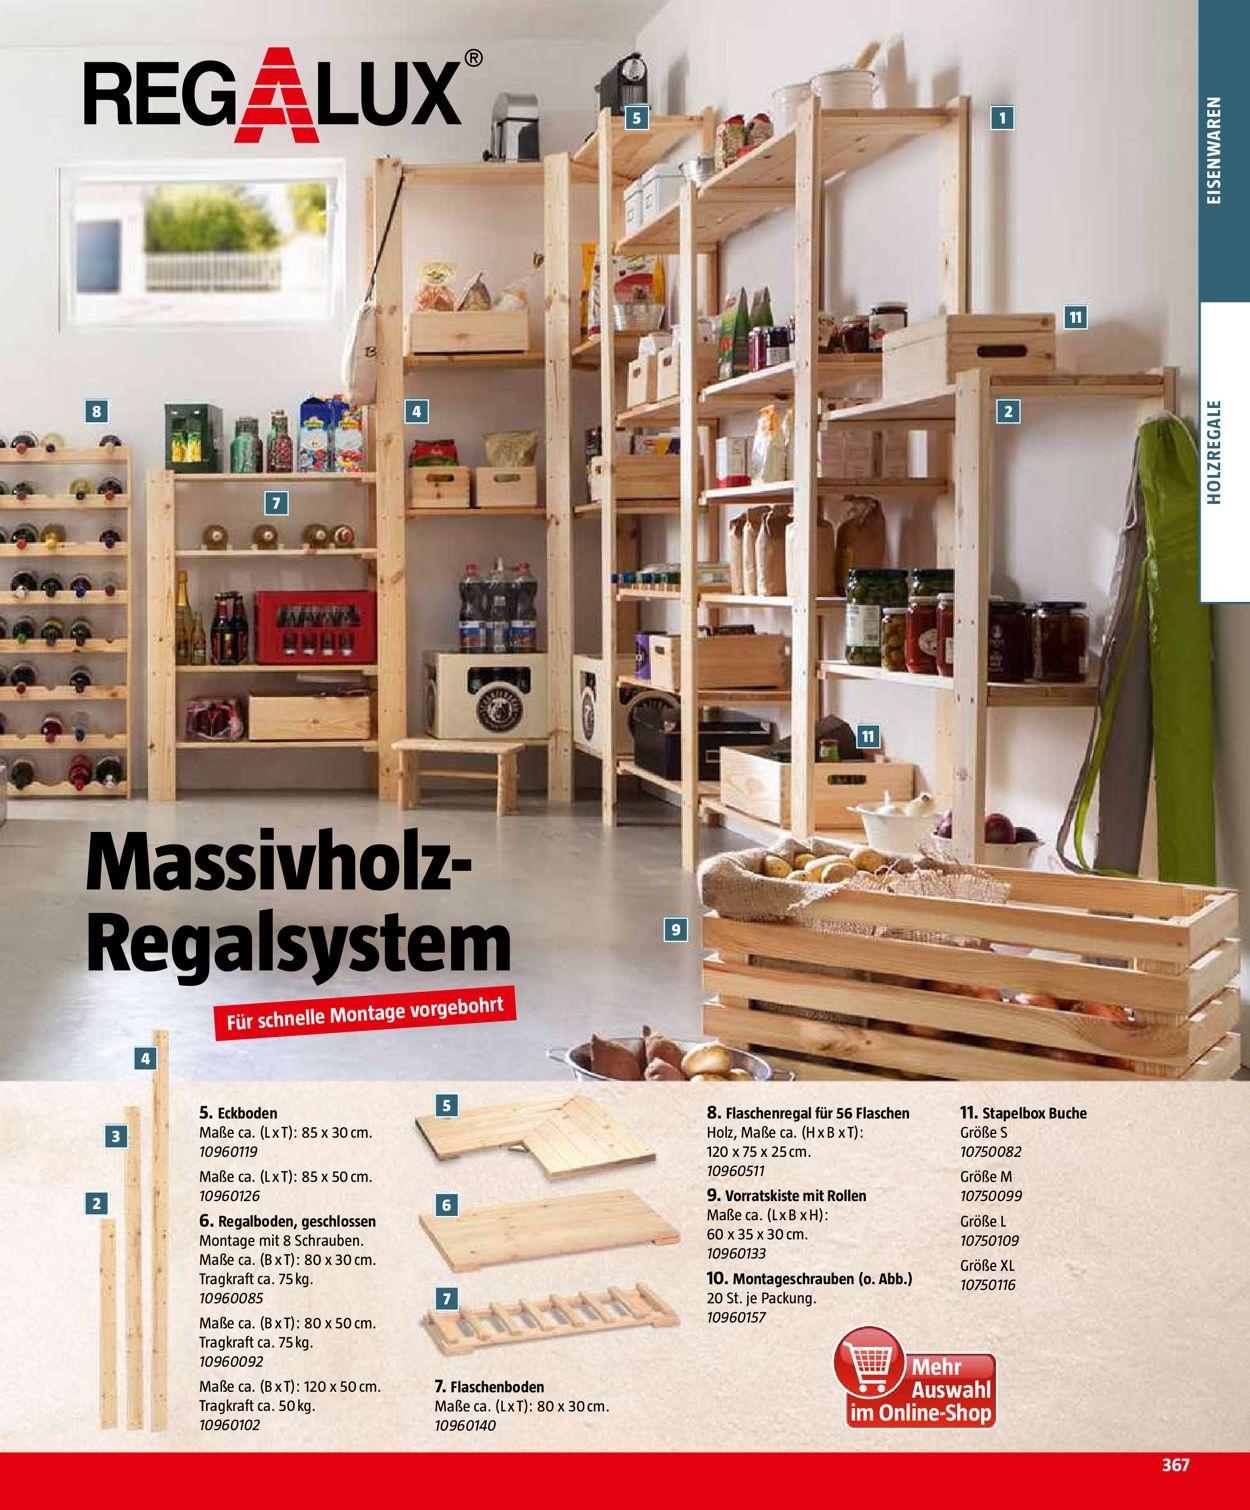 Bauhaus Aktueller Prospekt 04 10 31 01 2020 367 Jedewoche Rabatte De